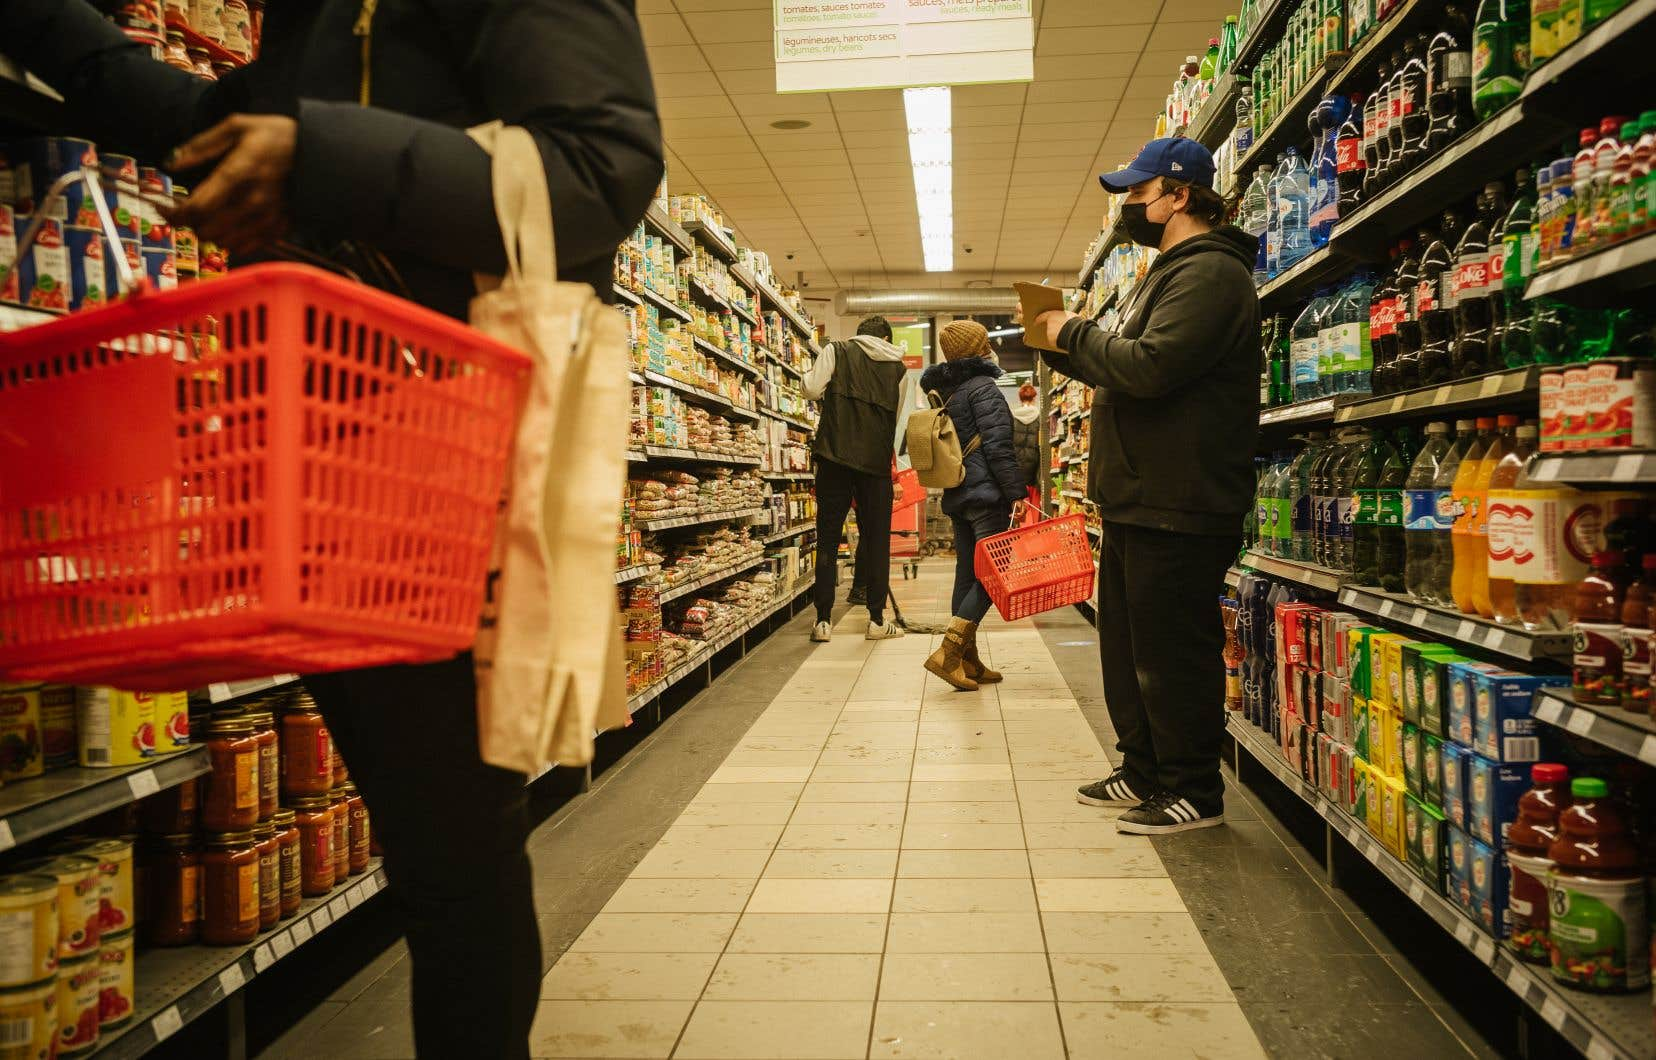 Même si les détaillants en alimentation ont admis avoir communiqué entre eux au sujet de la fin de leurs primes salariales respectives d'environ 2$ l'heure, ils ont nié avoir coordonné la fin de ces primes salariales.